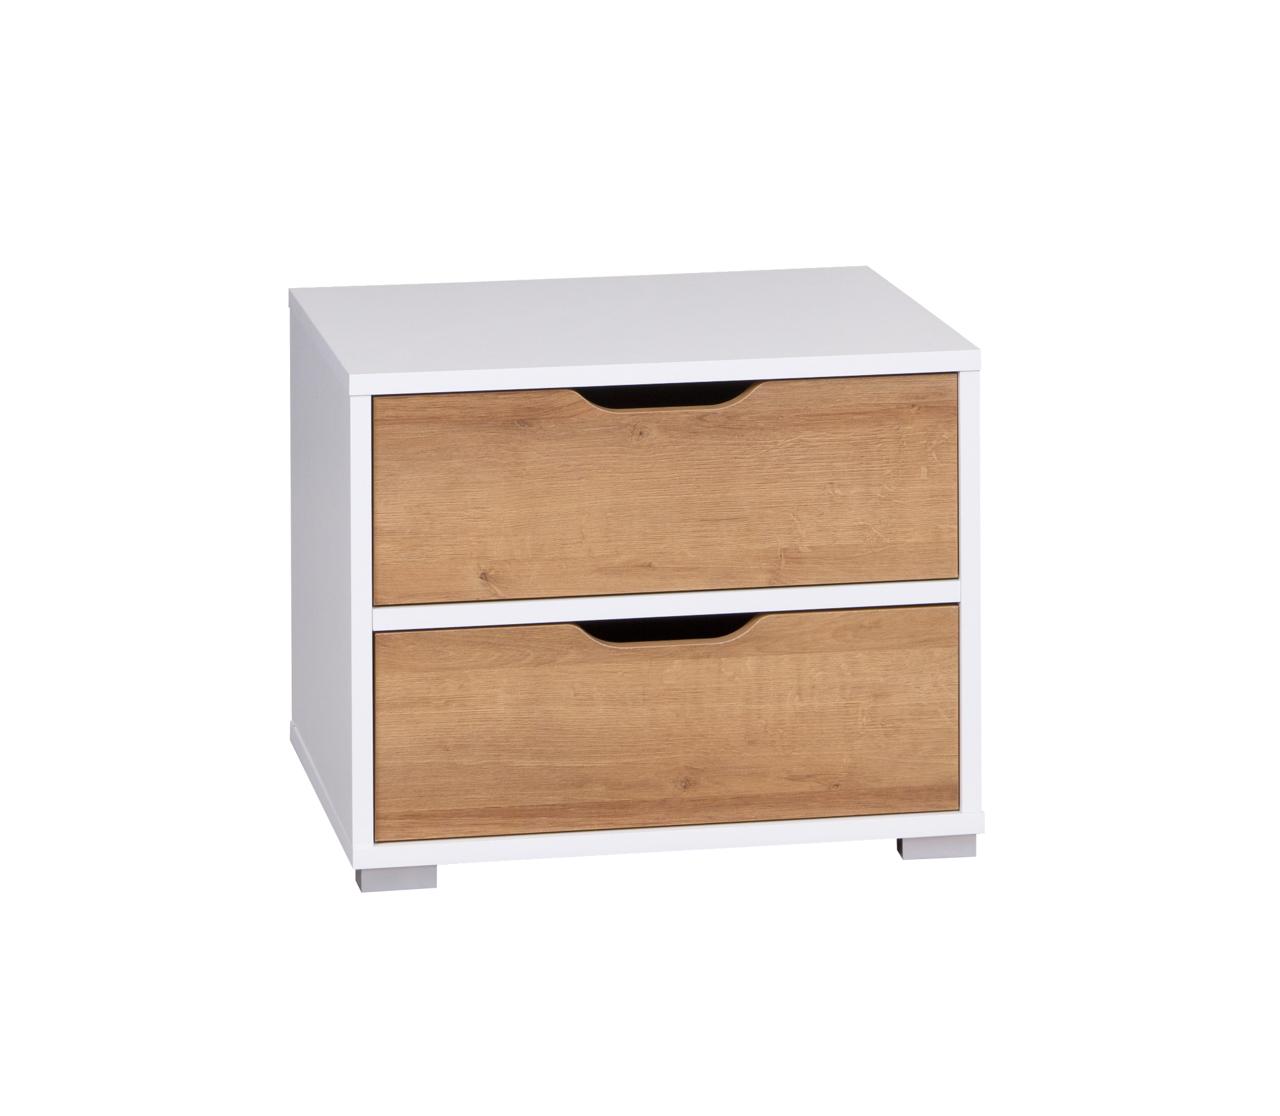 MEBLINE Noční stolek IW11 IWA Bílý / Dub zlatý